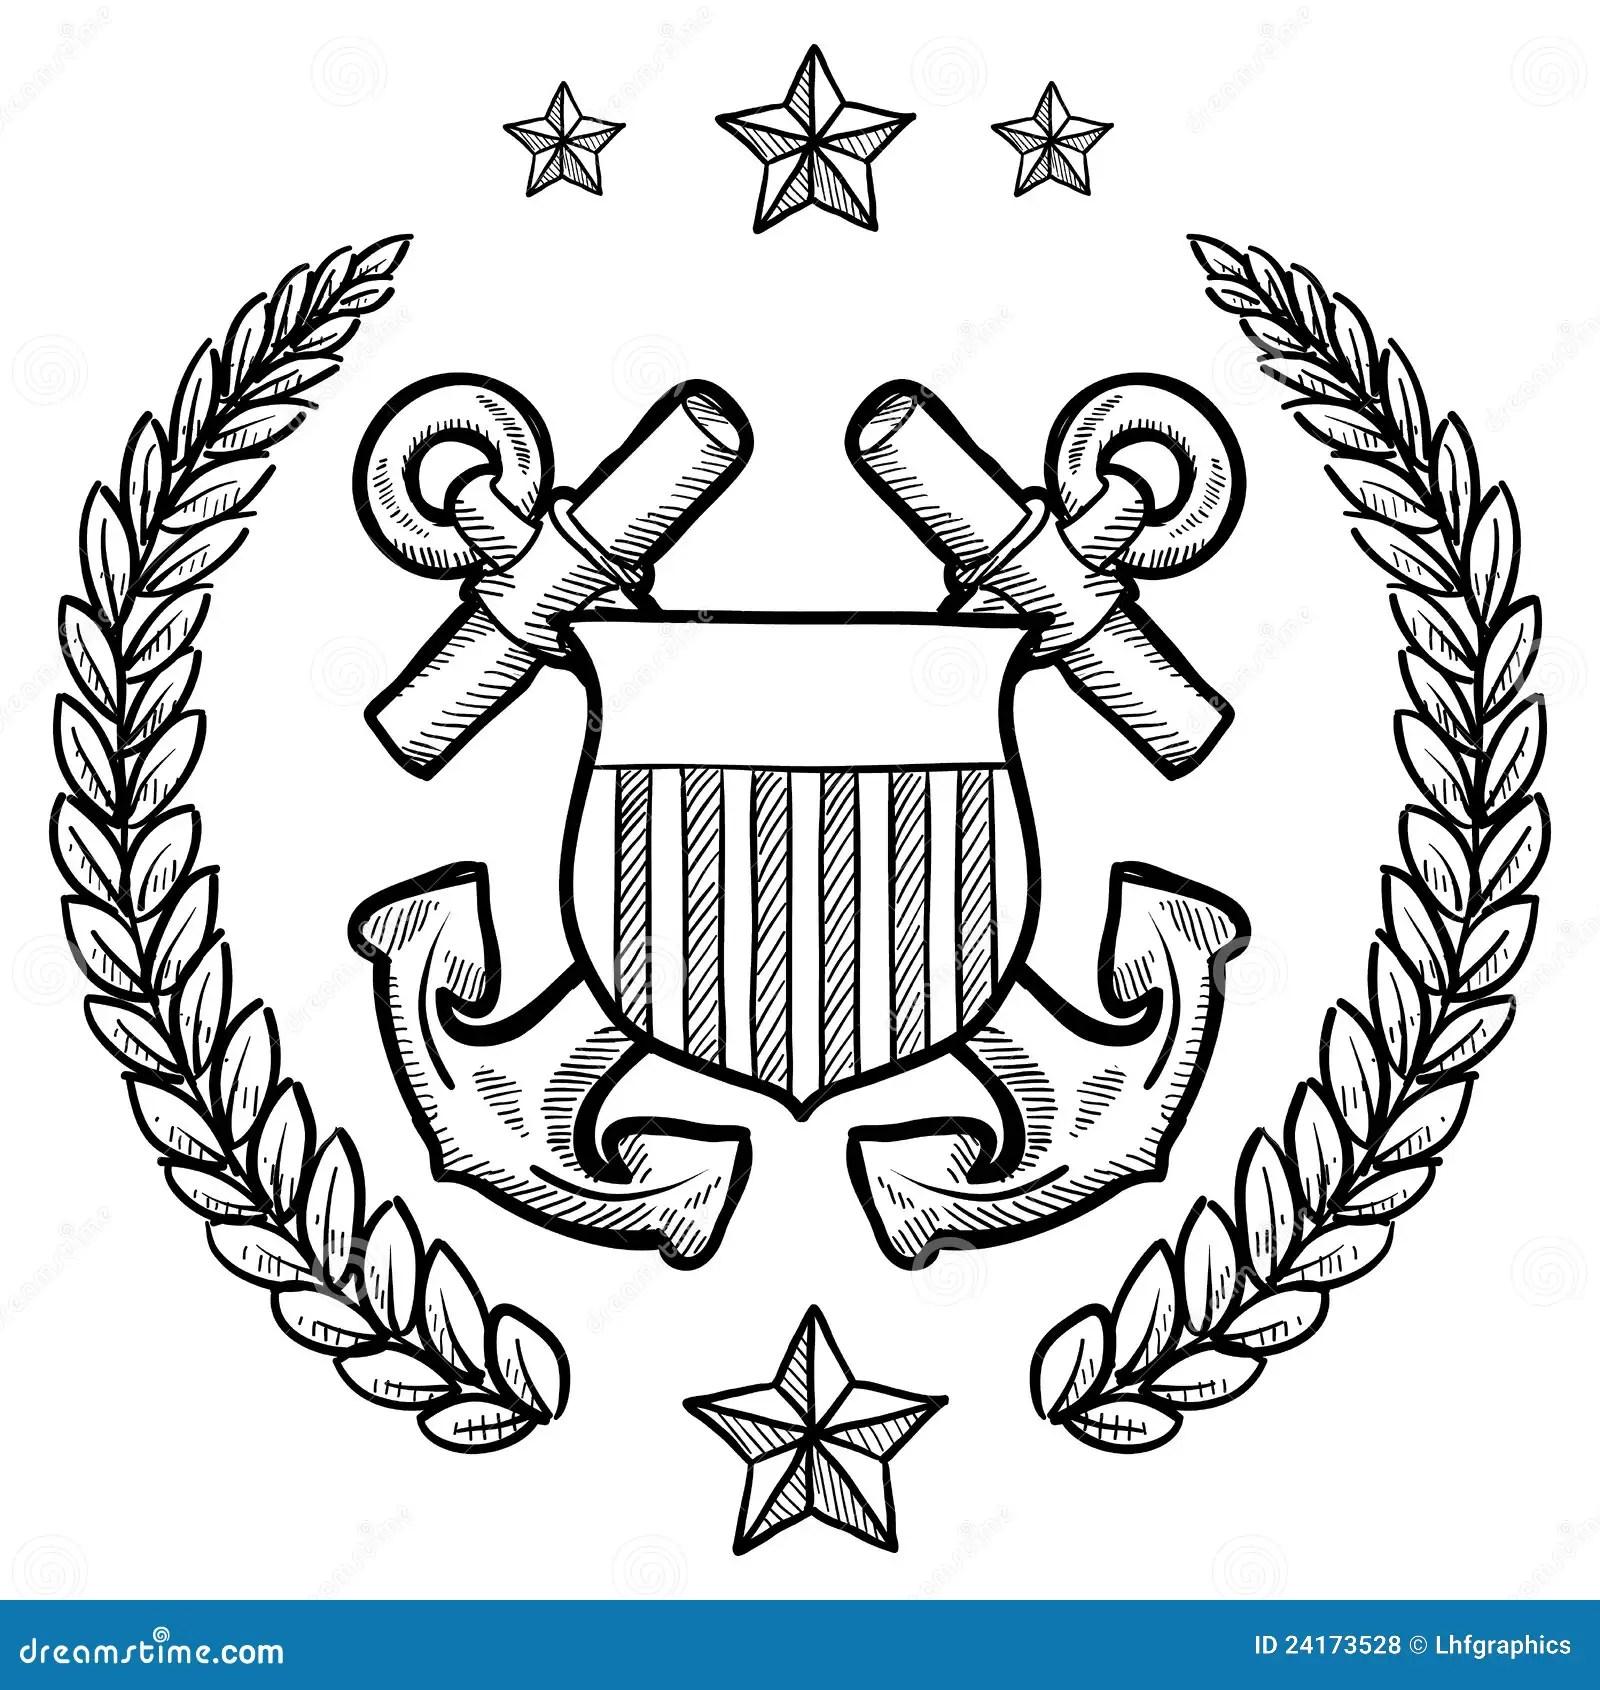 Us Navy Rank Insignia Vector Illustration